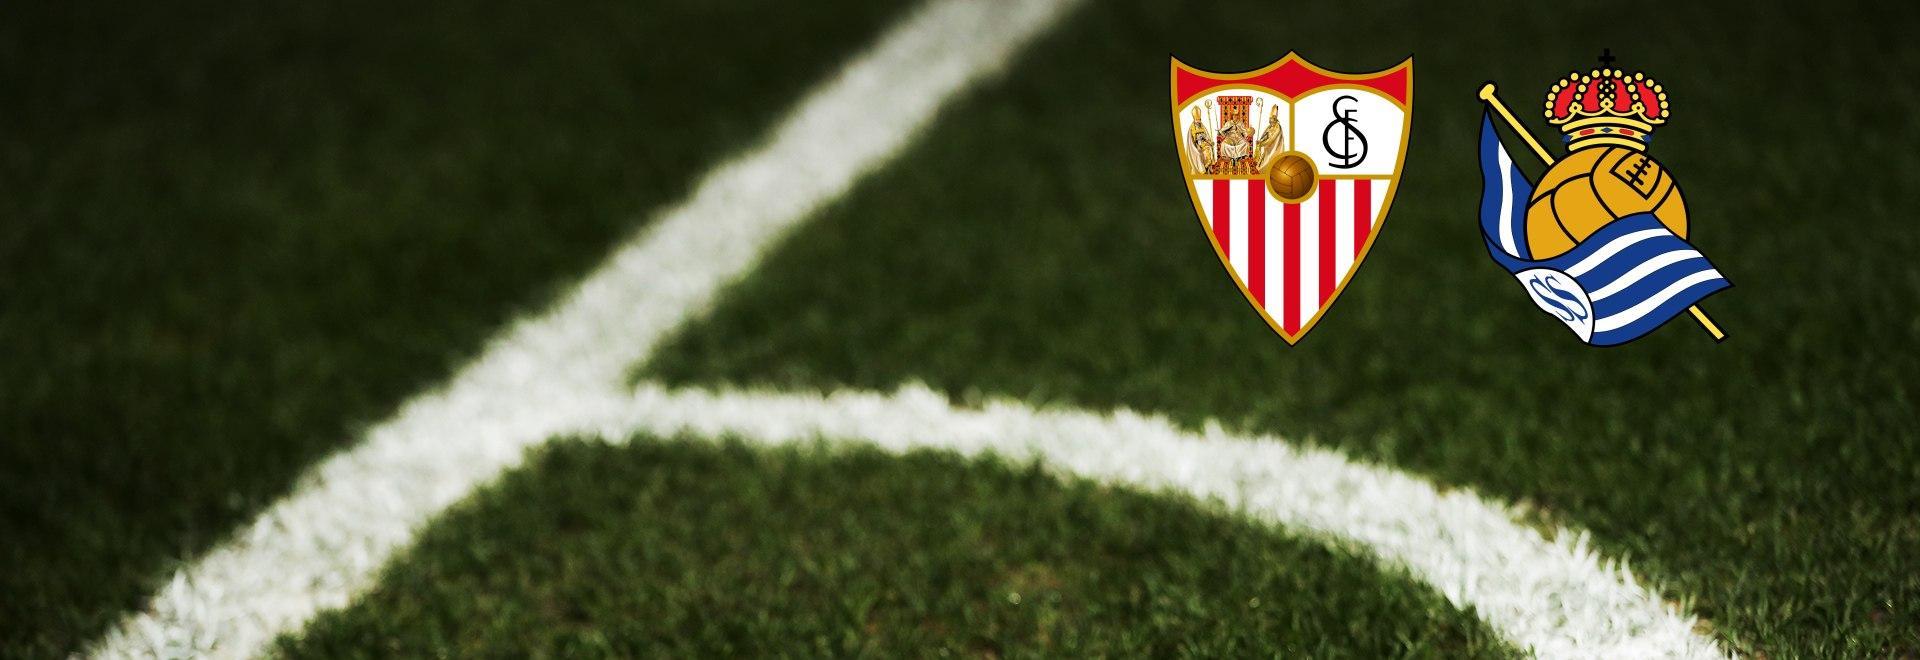 Siviglia - Real Sociedad. 18a g.